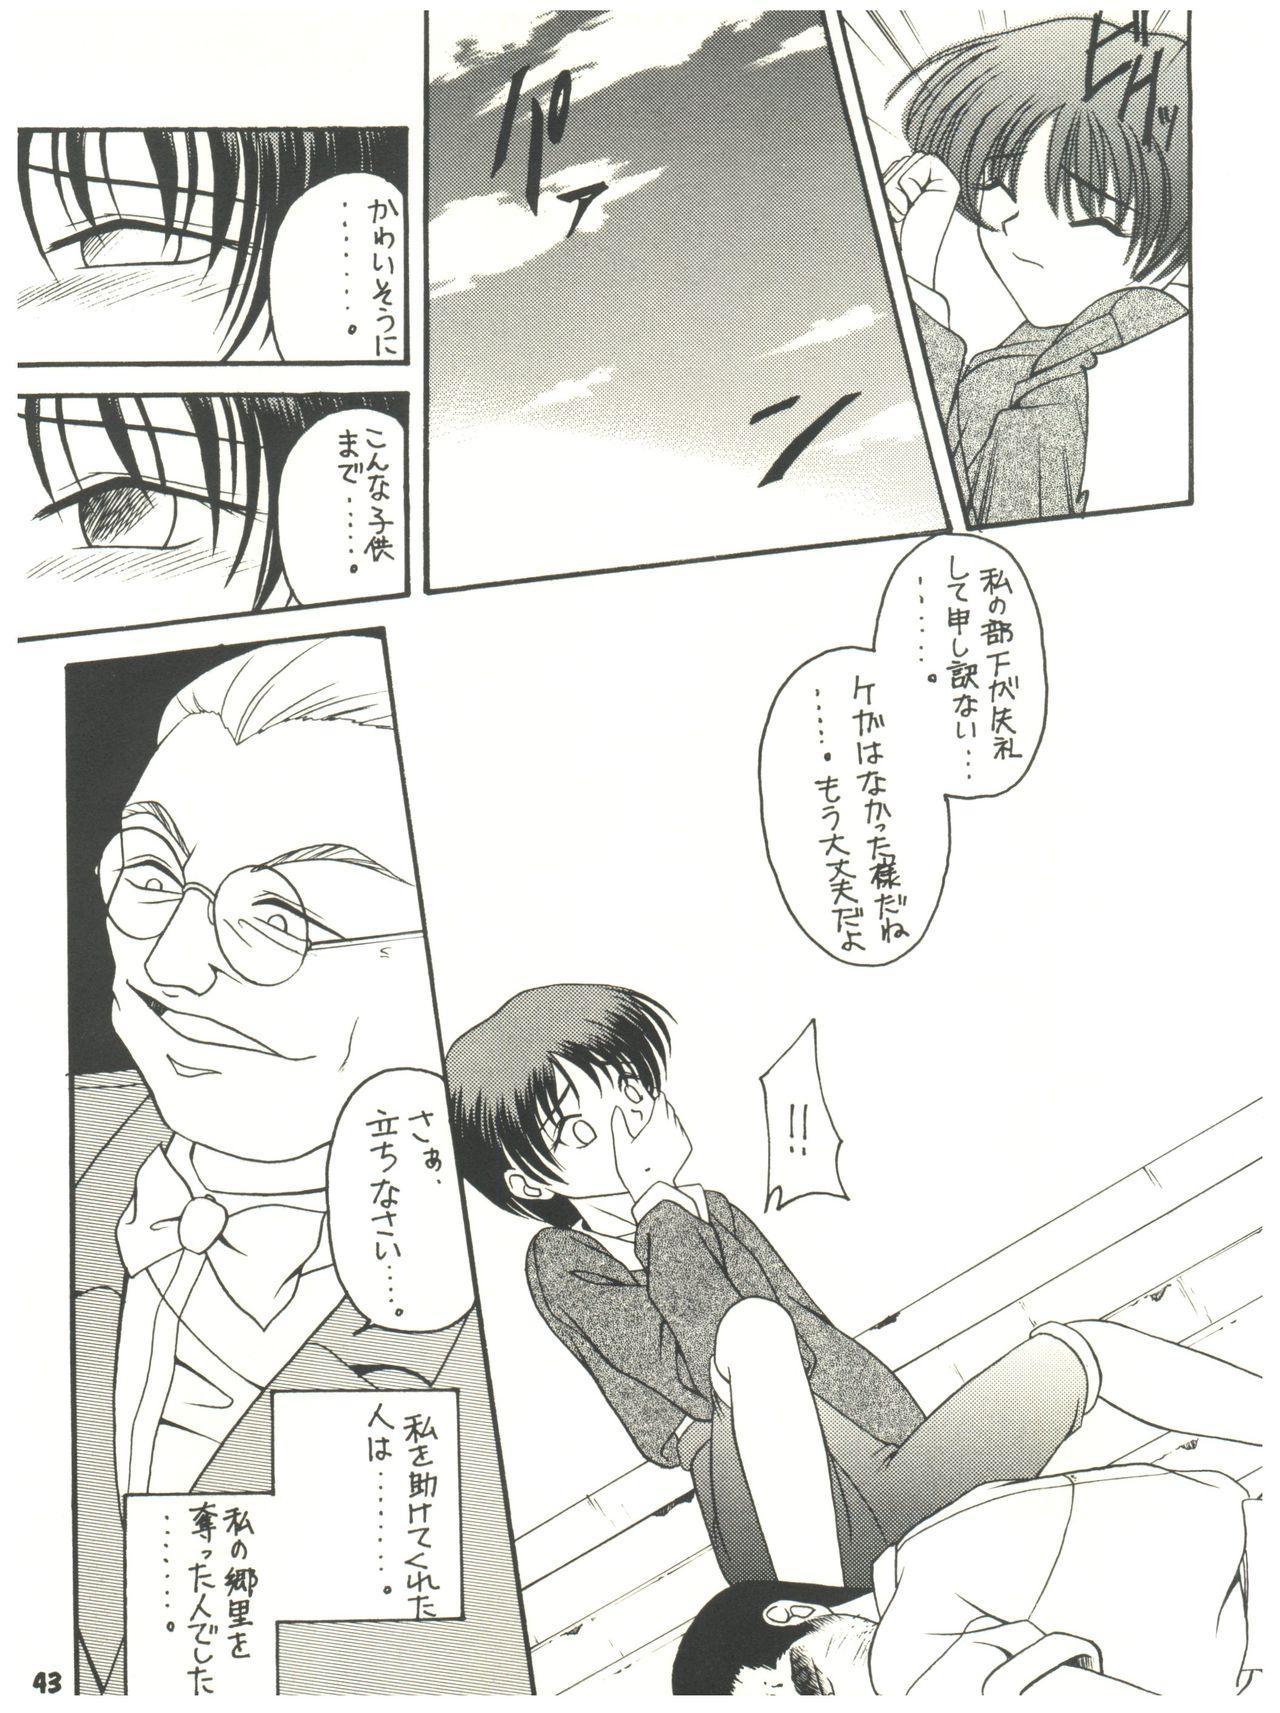 [Sairo Publishing (J. Sairo) En-Jack 2 (Various) 42